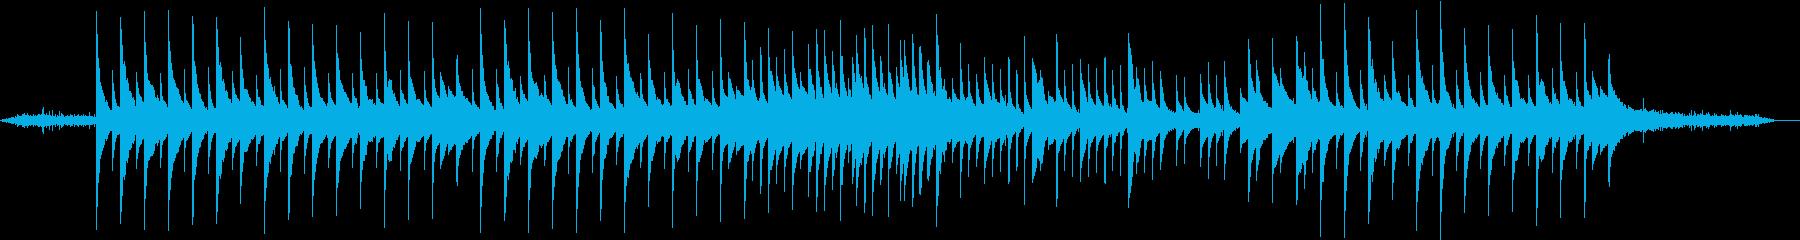 自然がイメージのしっとりしたアコギ楽曲の再生済みの波形